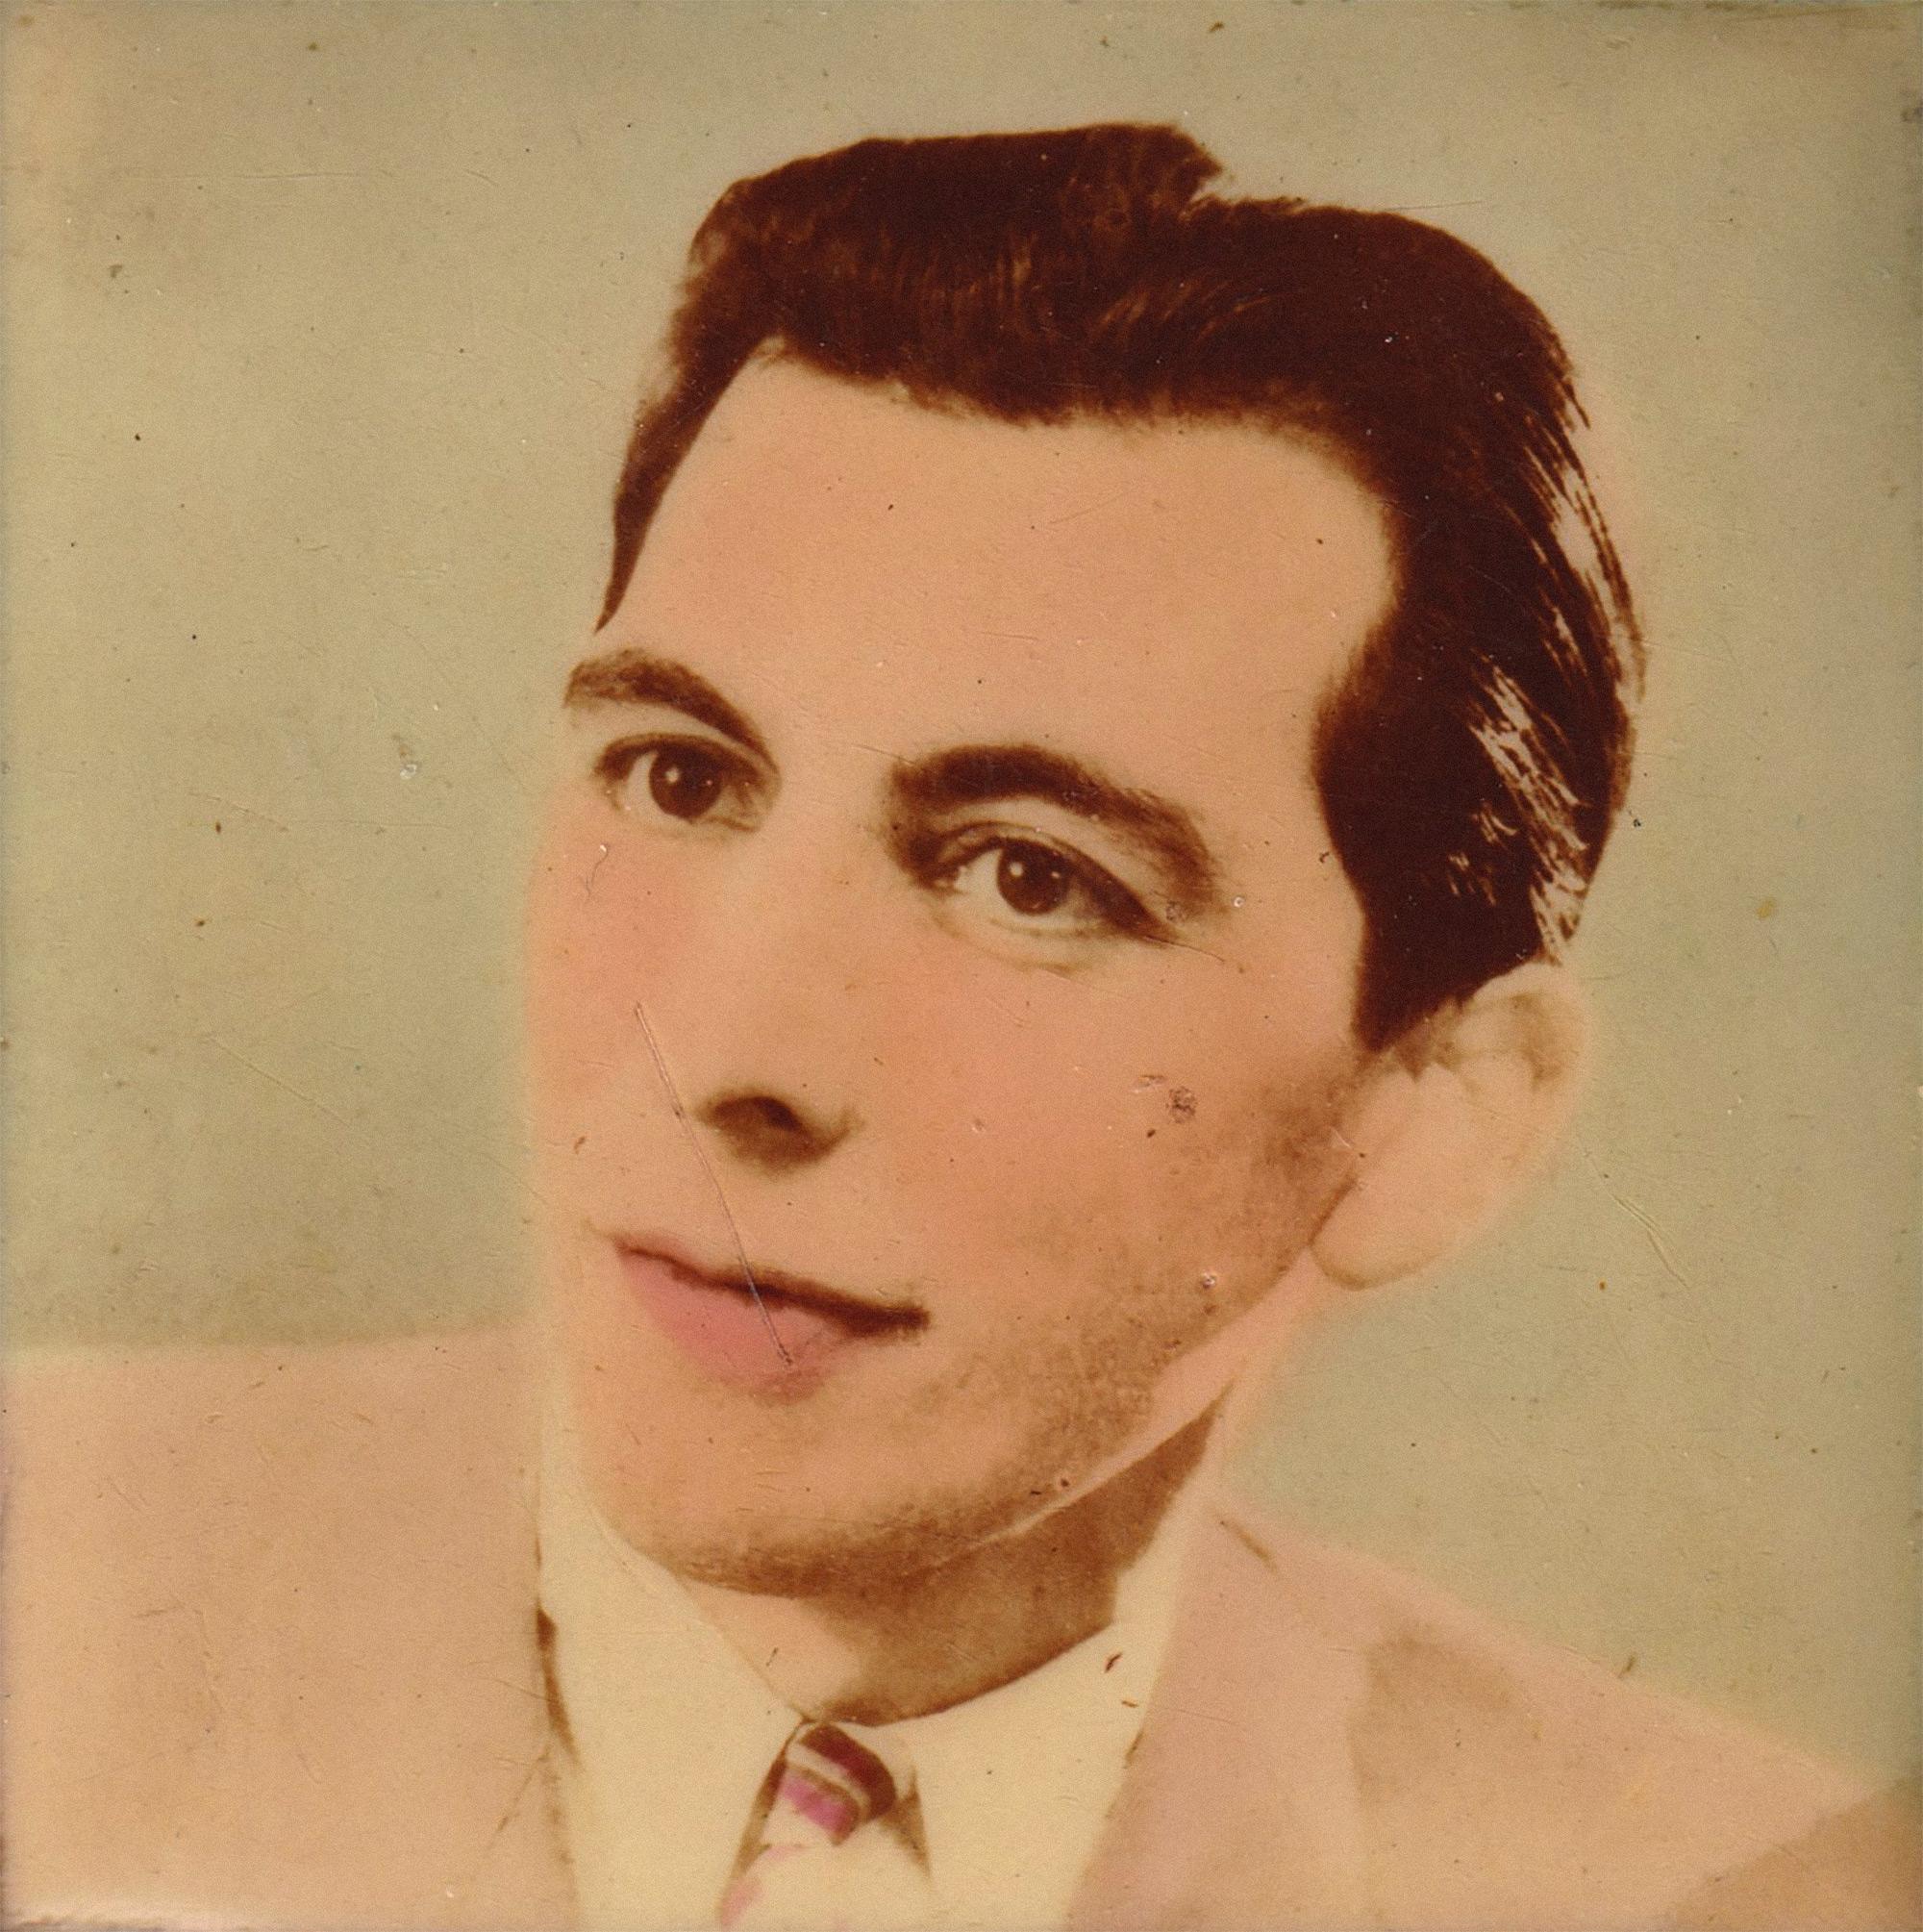 Joakim Bouaziz